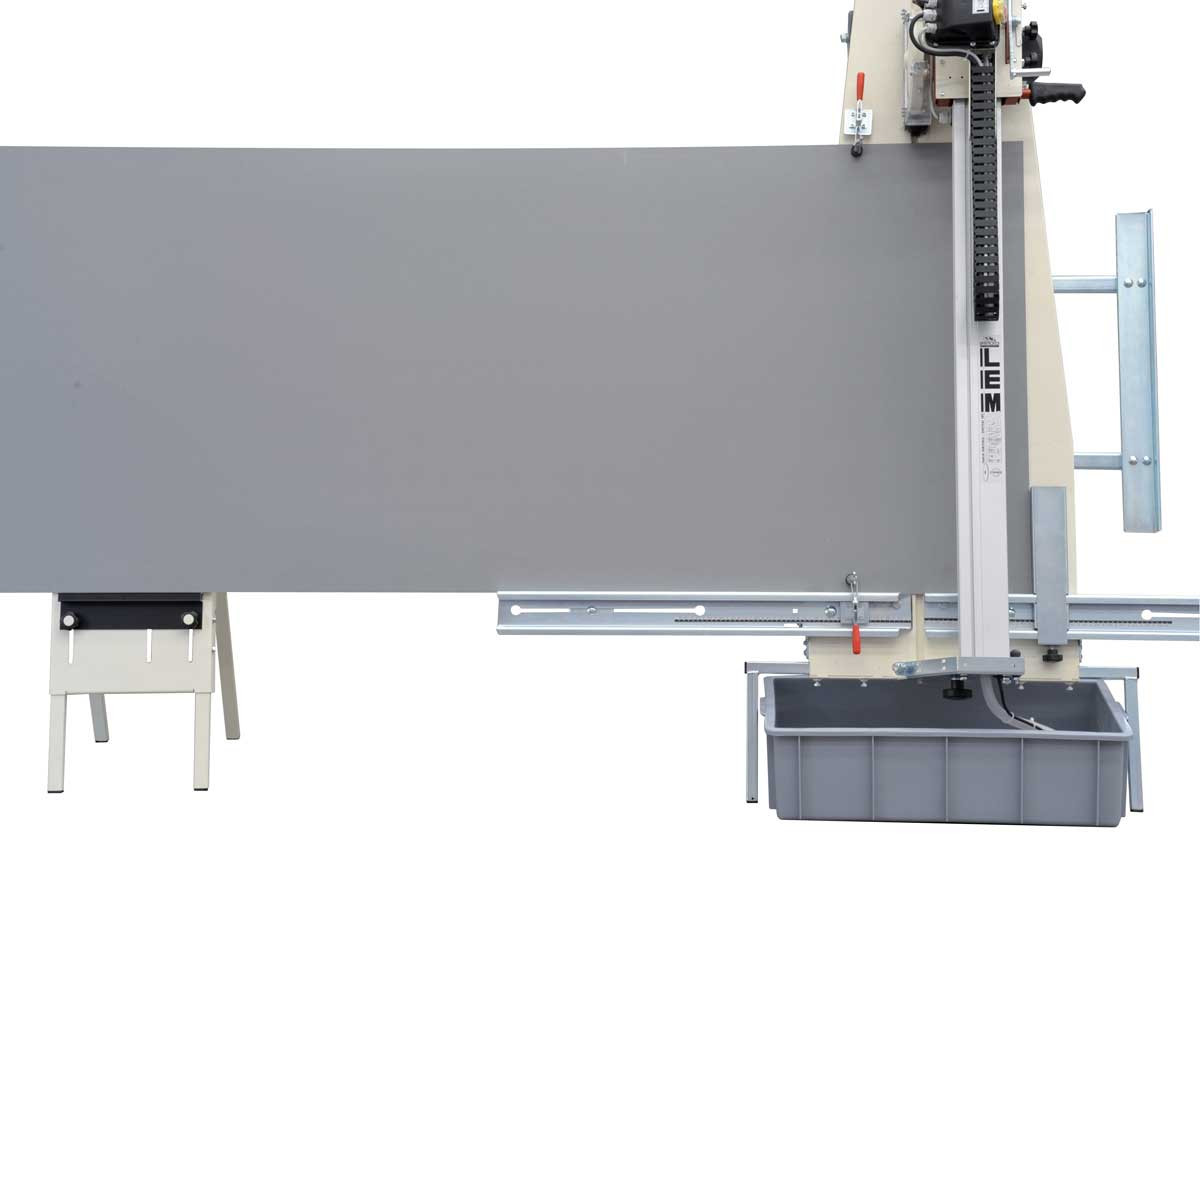 Vertical Concrete Saw Cutting Equipment : Raimondi lem vertical wet saw hand less cut contractors